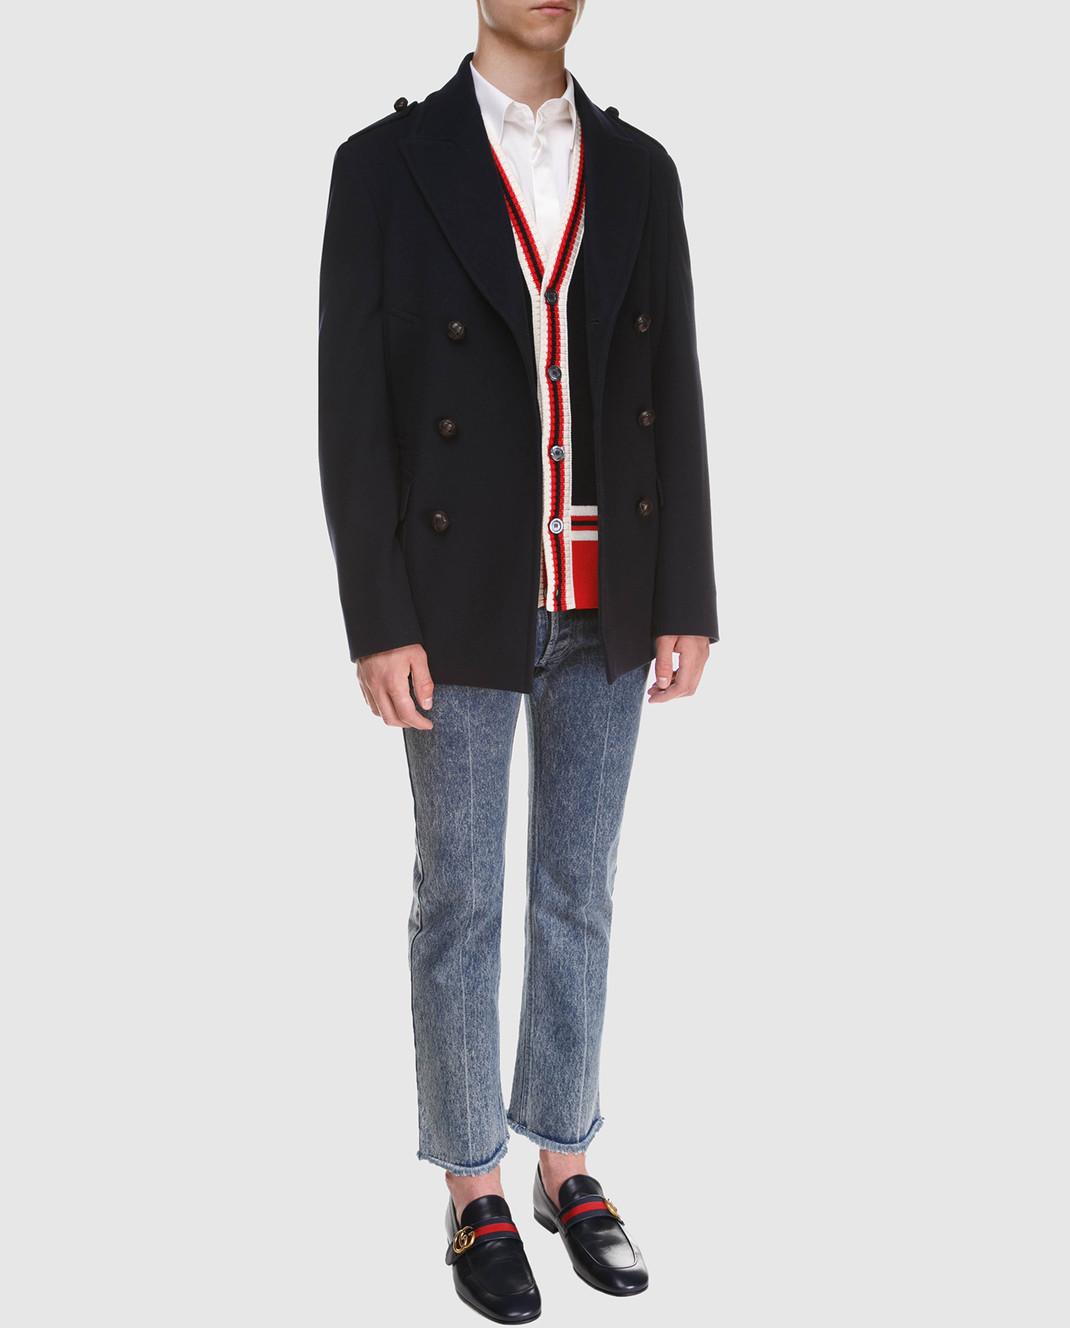 Gucci Темно-синее пальто из шерсти и кашемира 523628 изображение 2